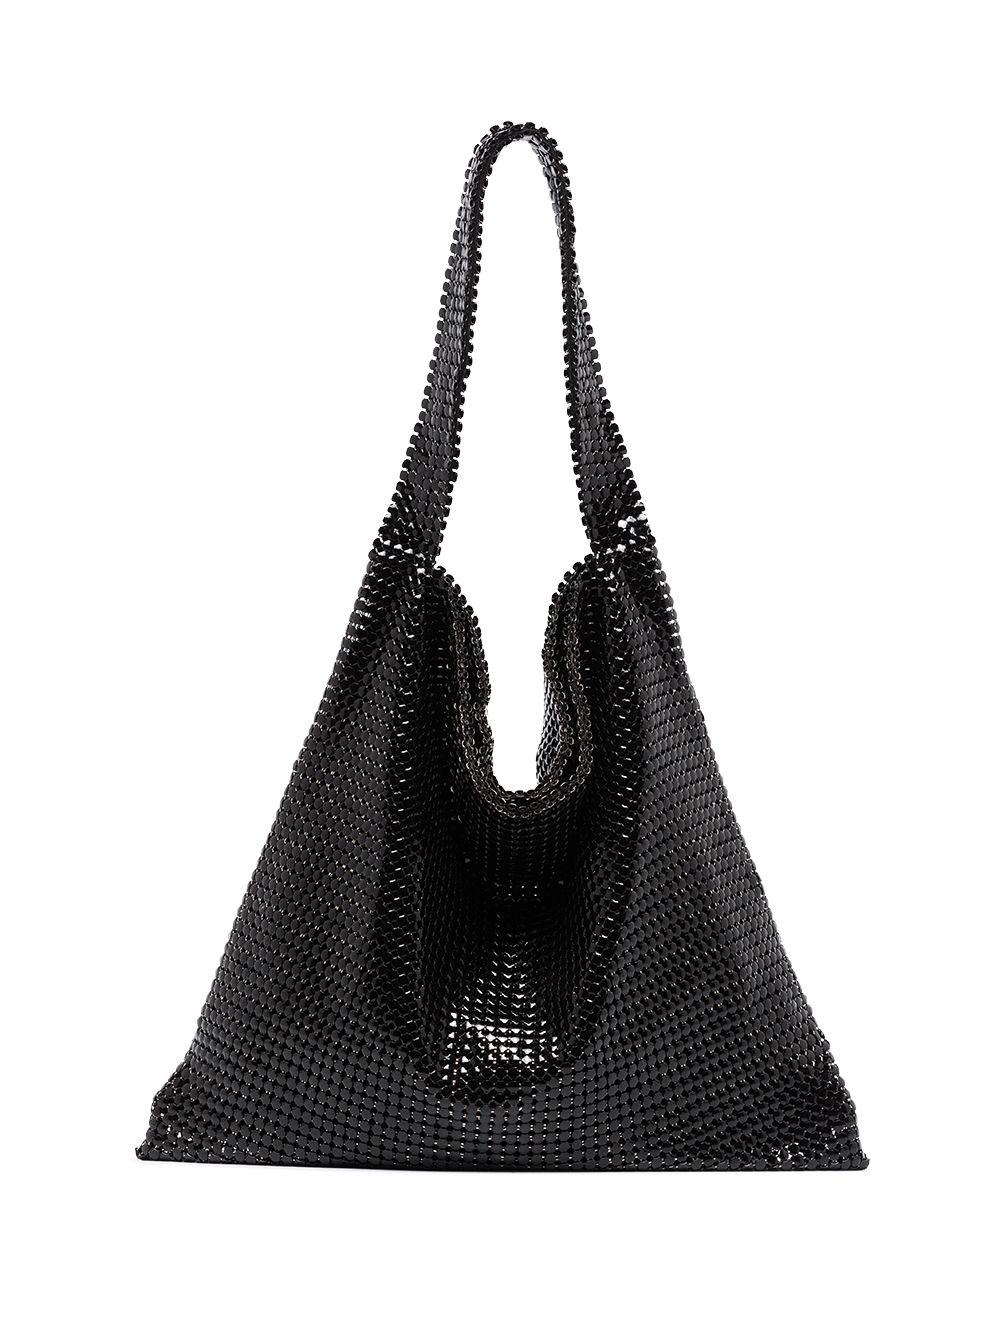 Paco Rabanne Handtasche aus Kettengeflecht - Schwarz